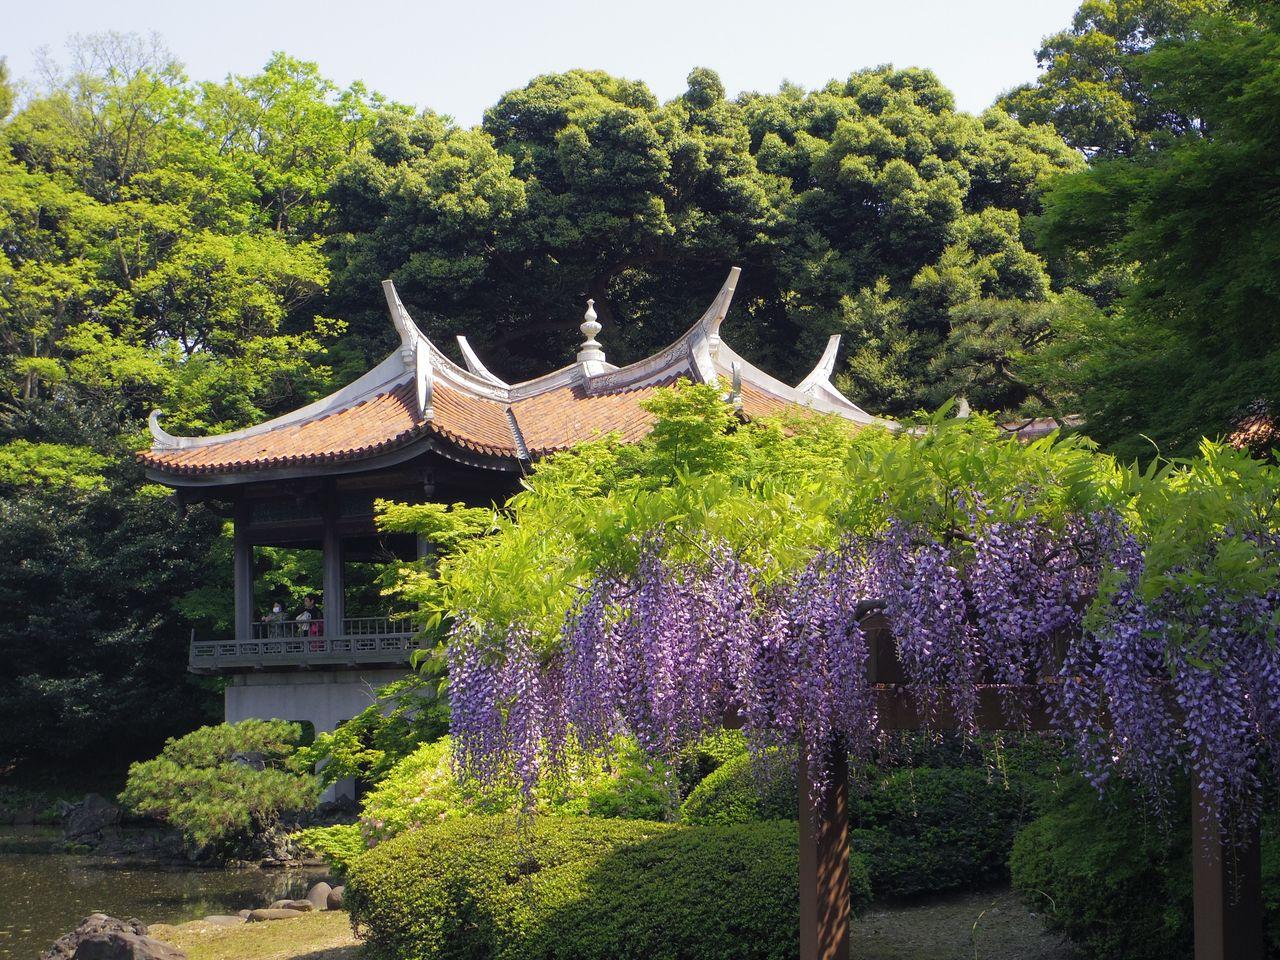 ぷらっとくんのブログ : 新宿御苑の藤の花とつつじ